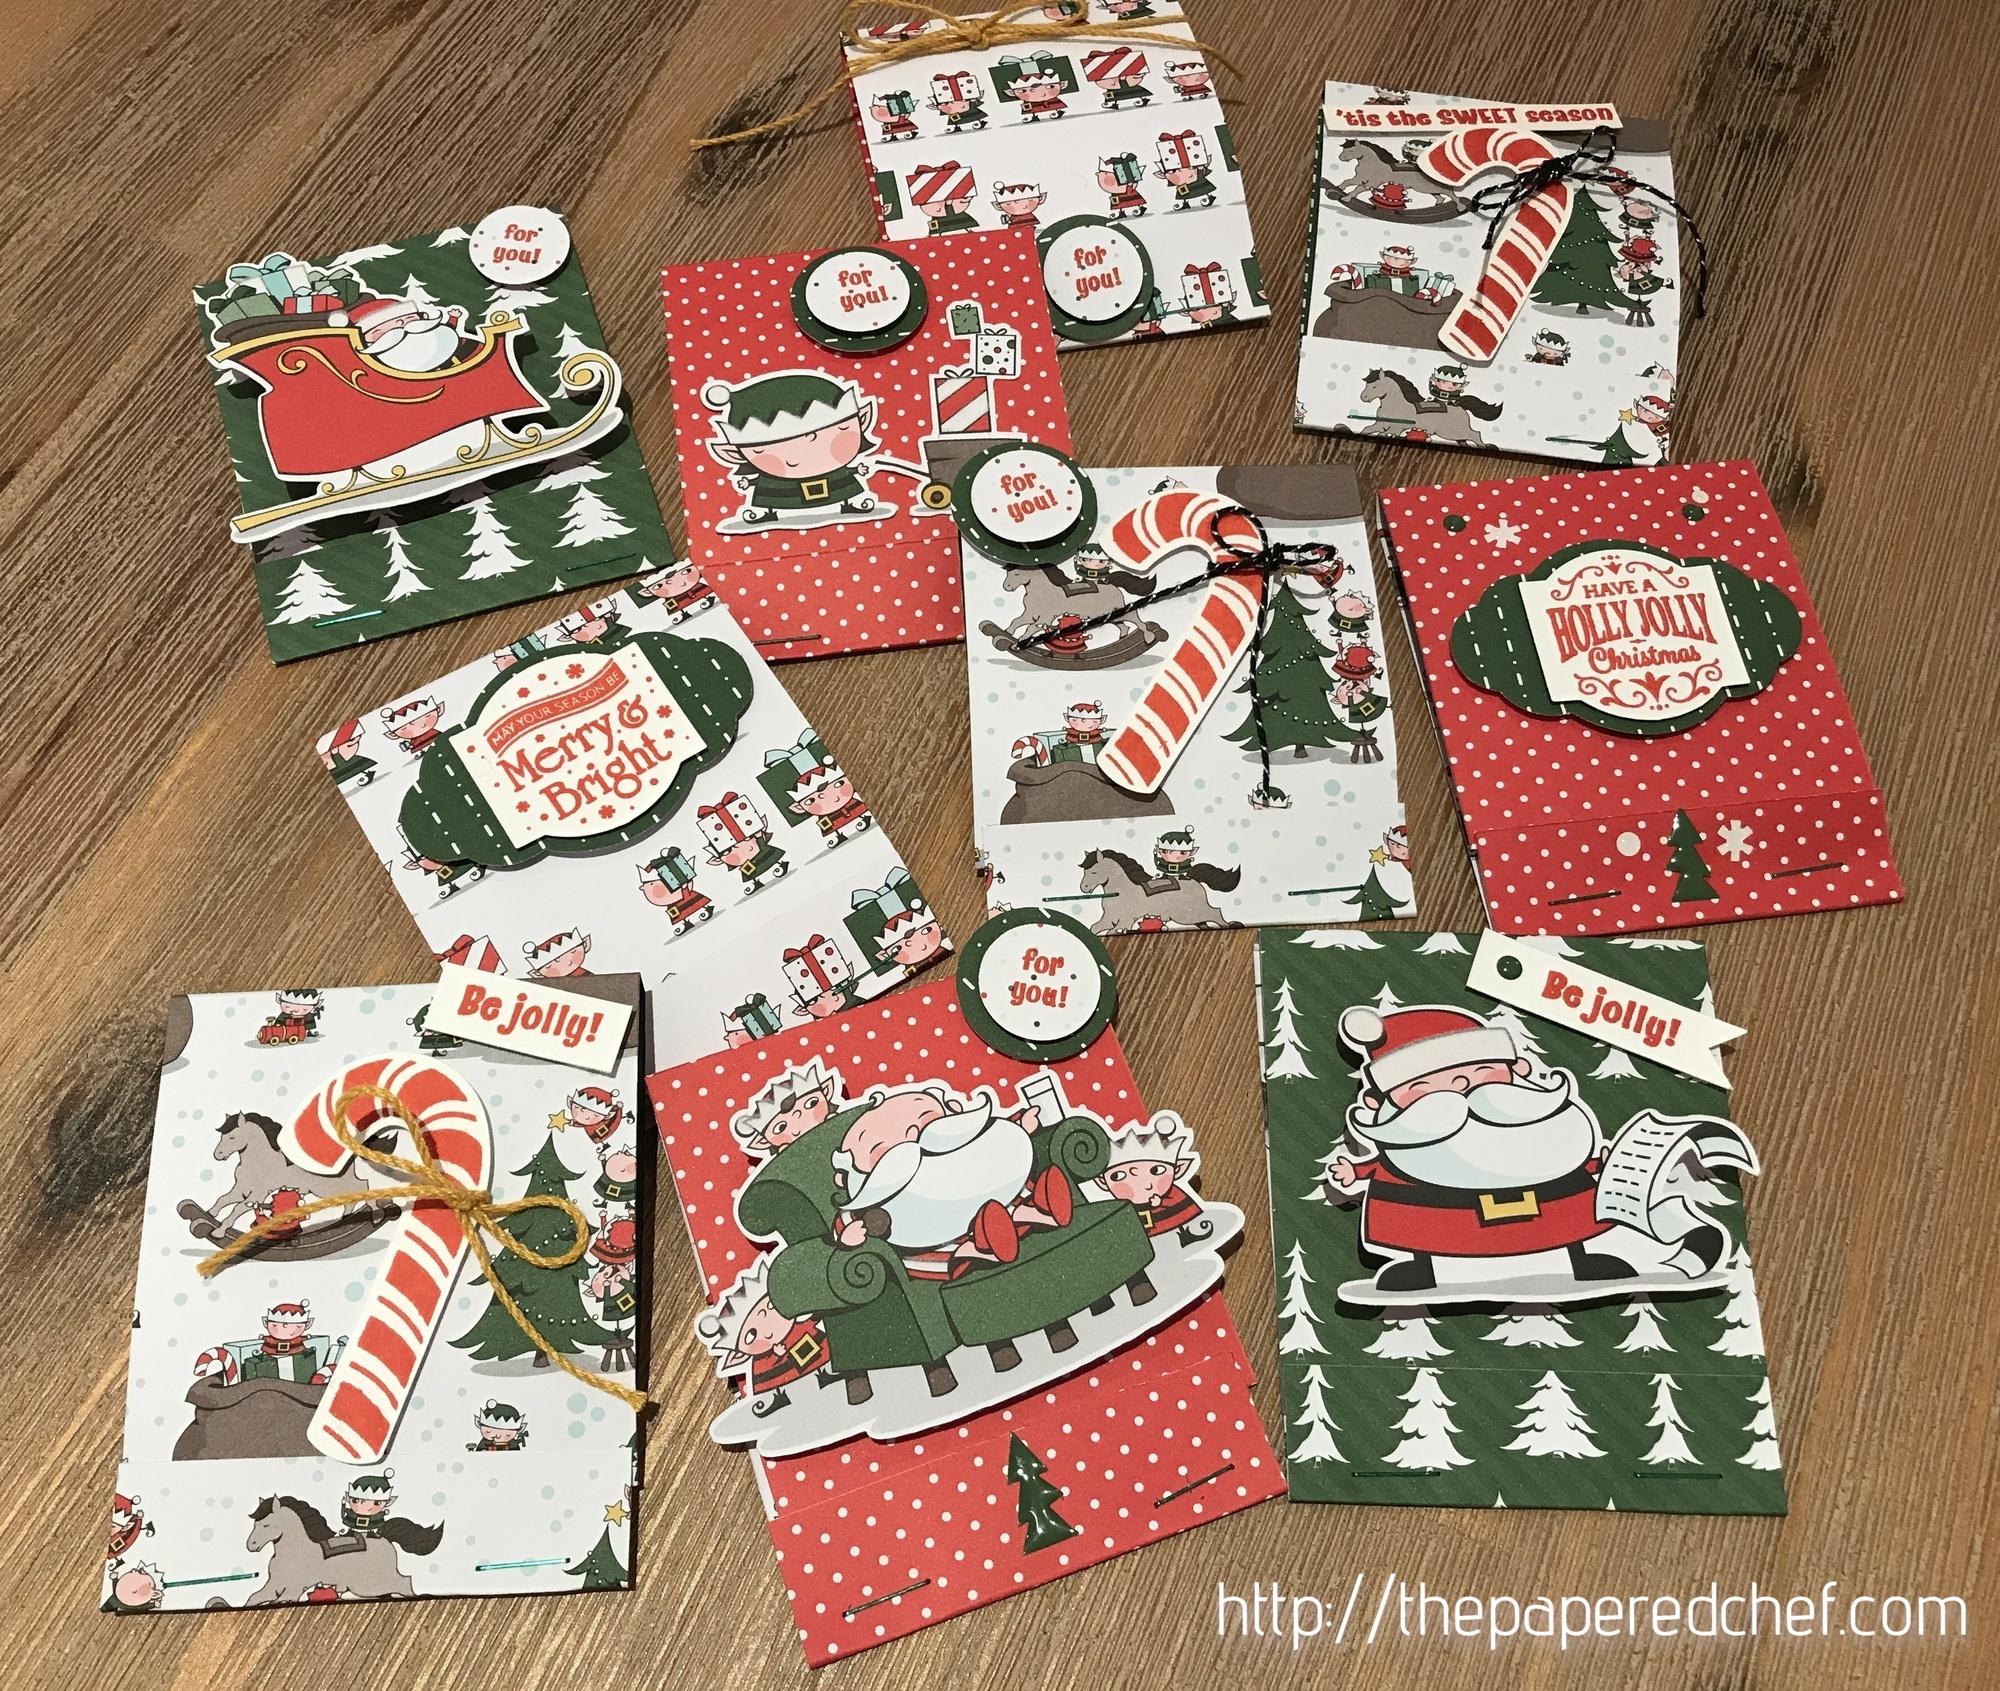 Santa's Workshop Matchbooks